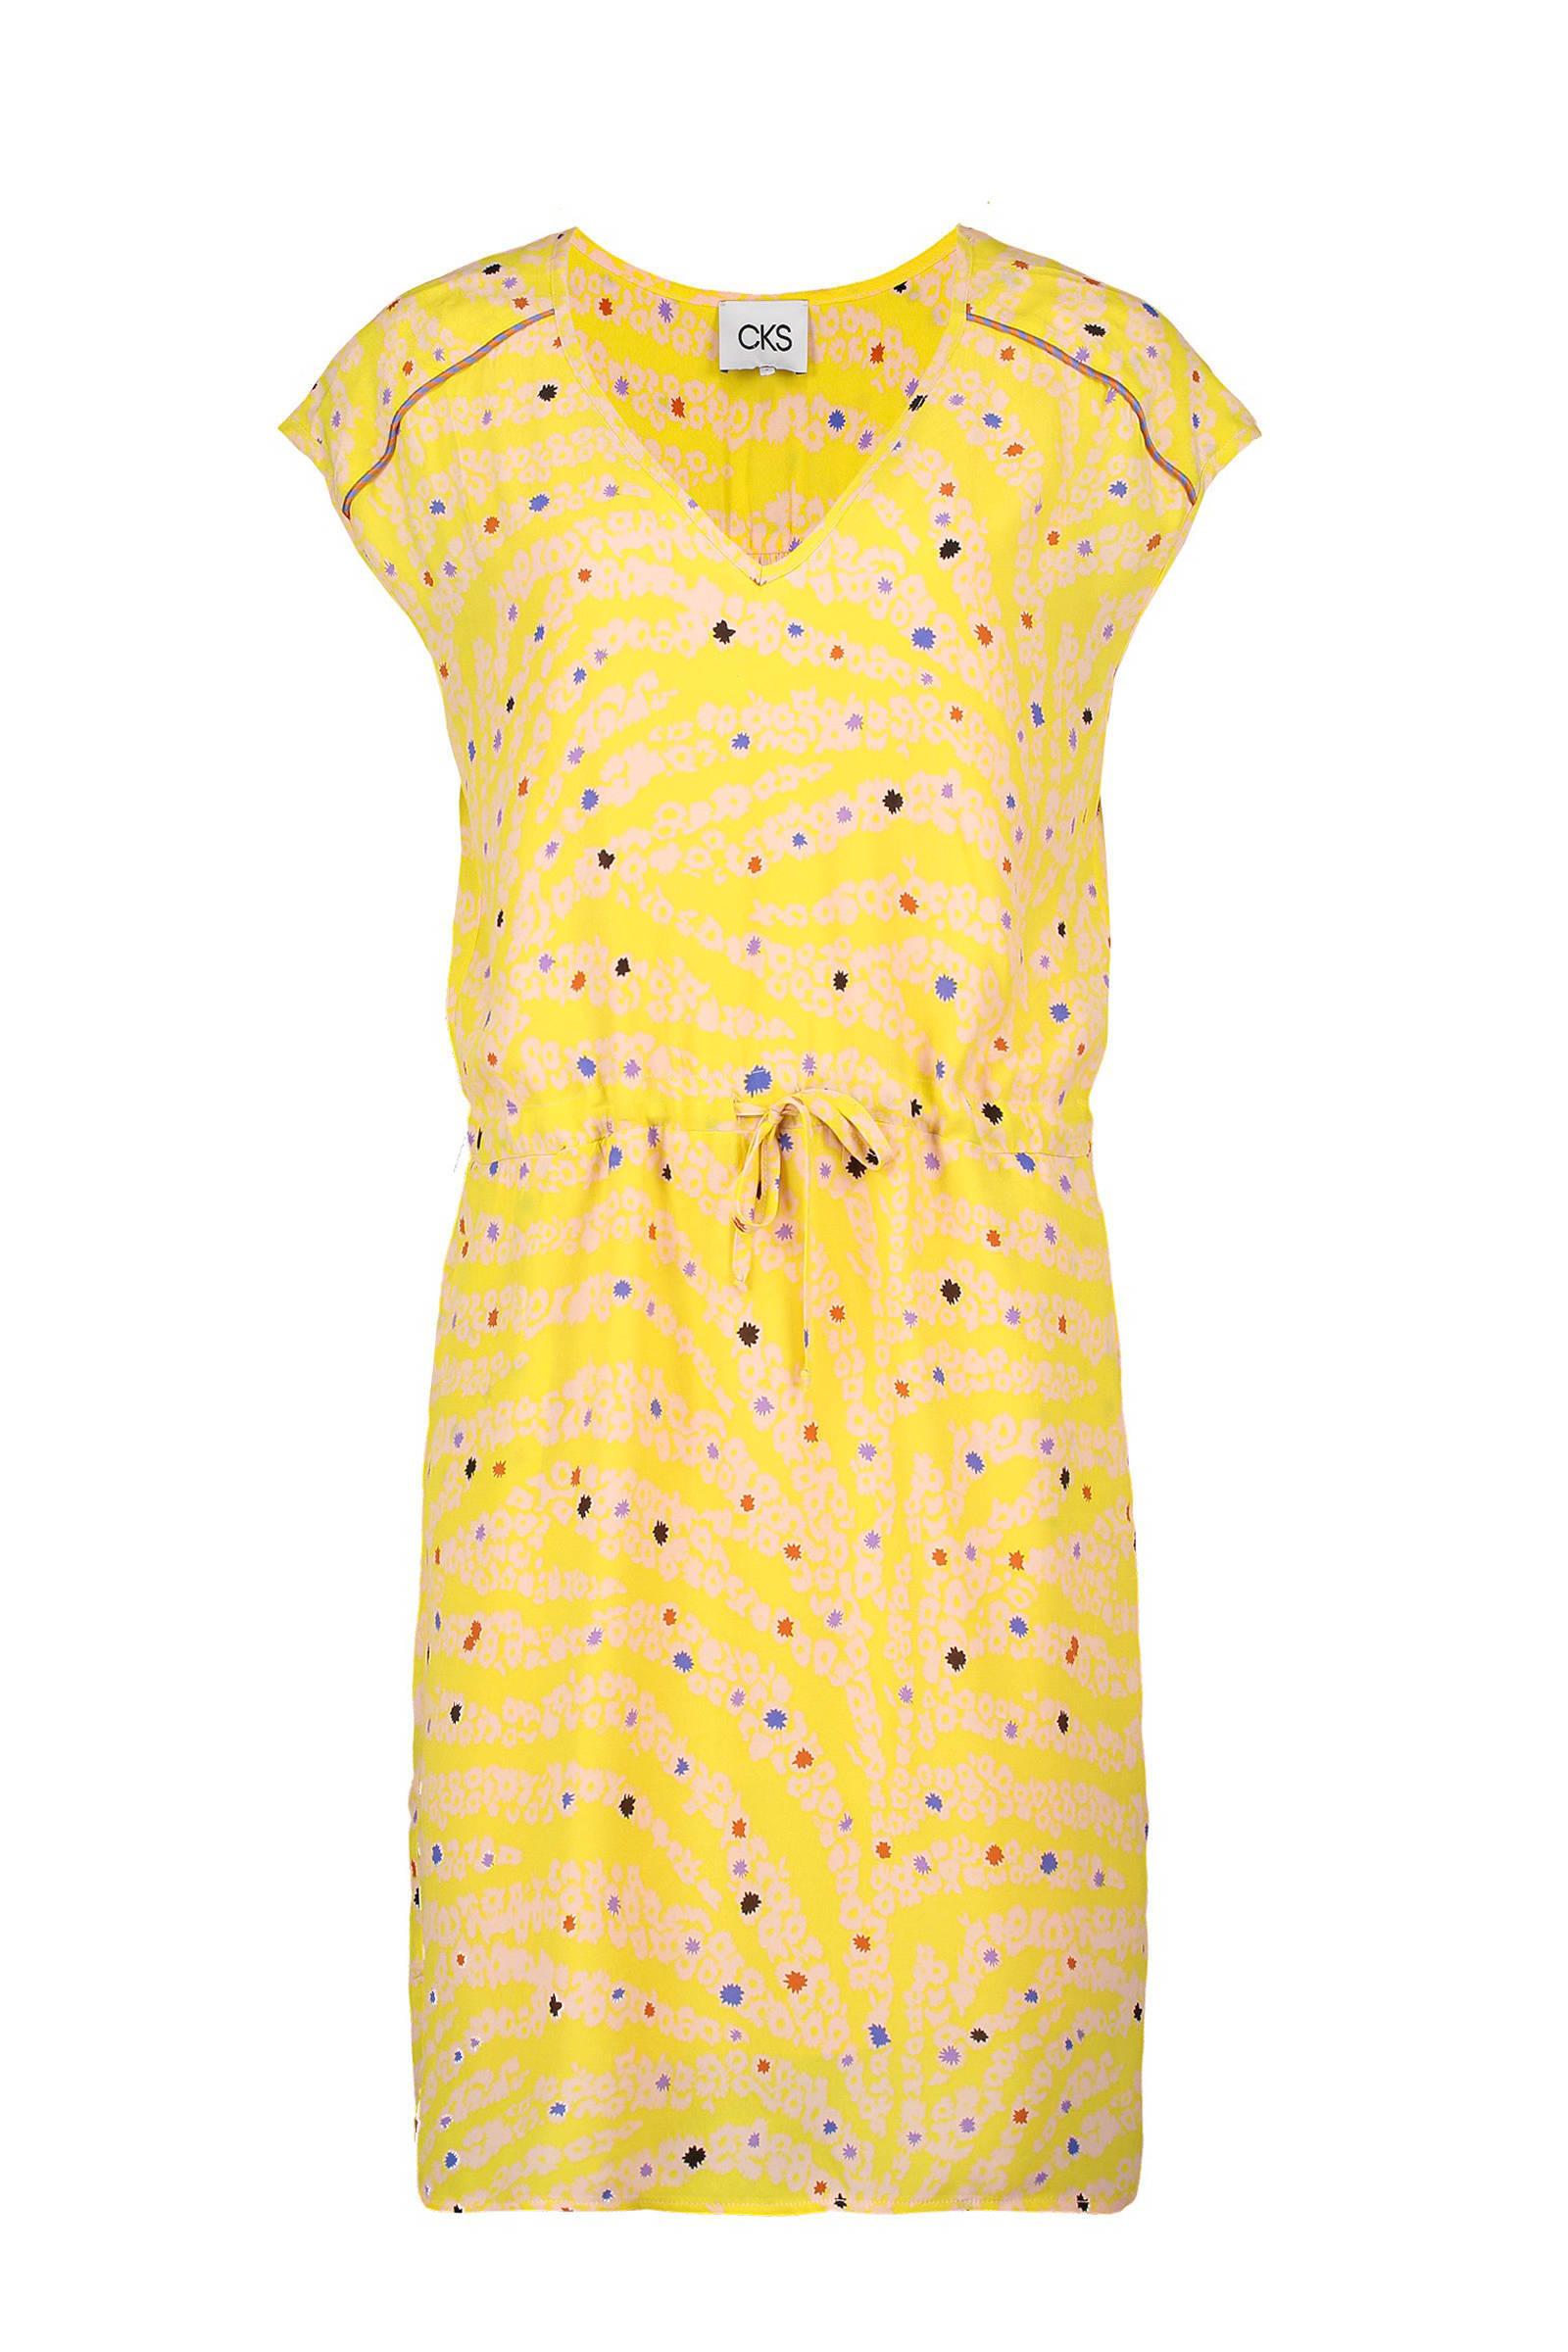 eaf7a94c2e cks-jurk-met-zebra-en-allover-print-geel-geel-5400822342657.jpg